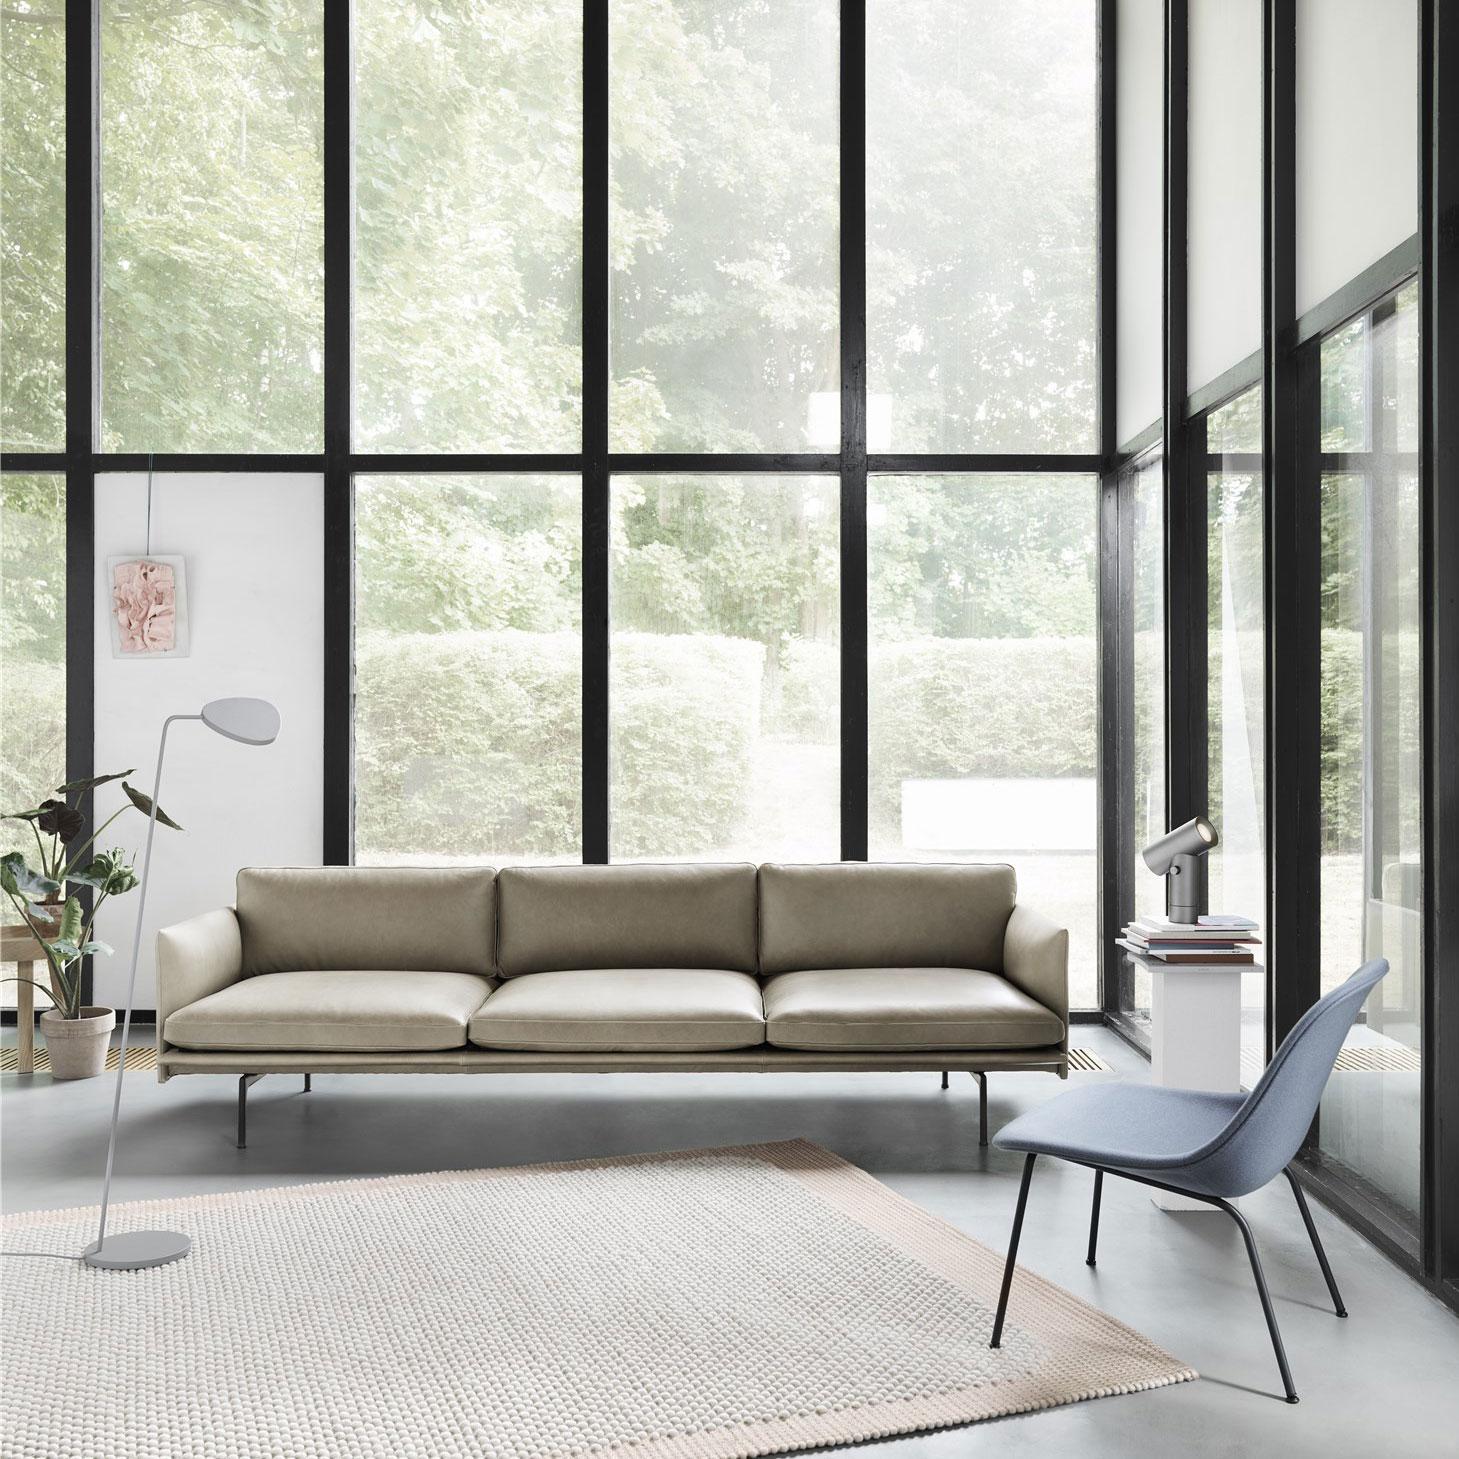 furniture-muuto-outline-35-stone-silk-fiber-lounge-divina-154-pebble-leaf.jpg